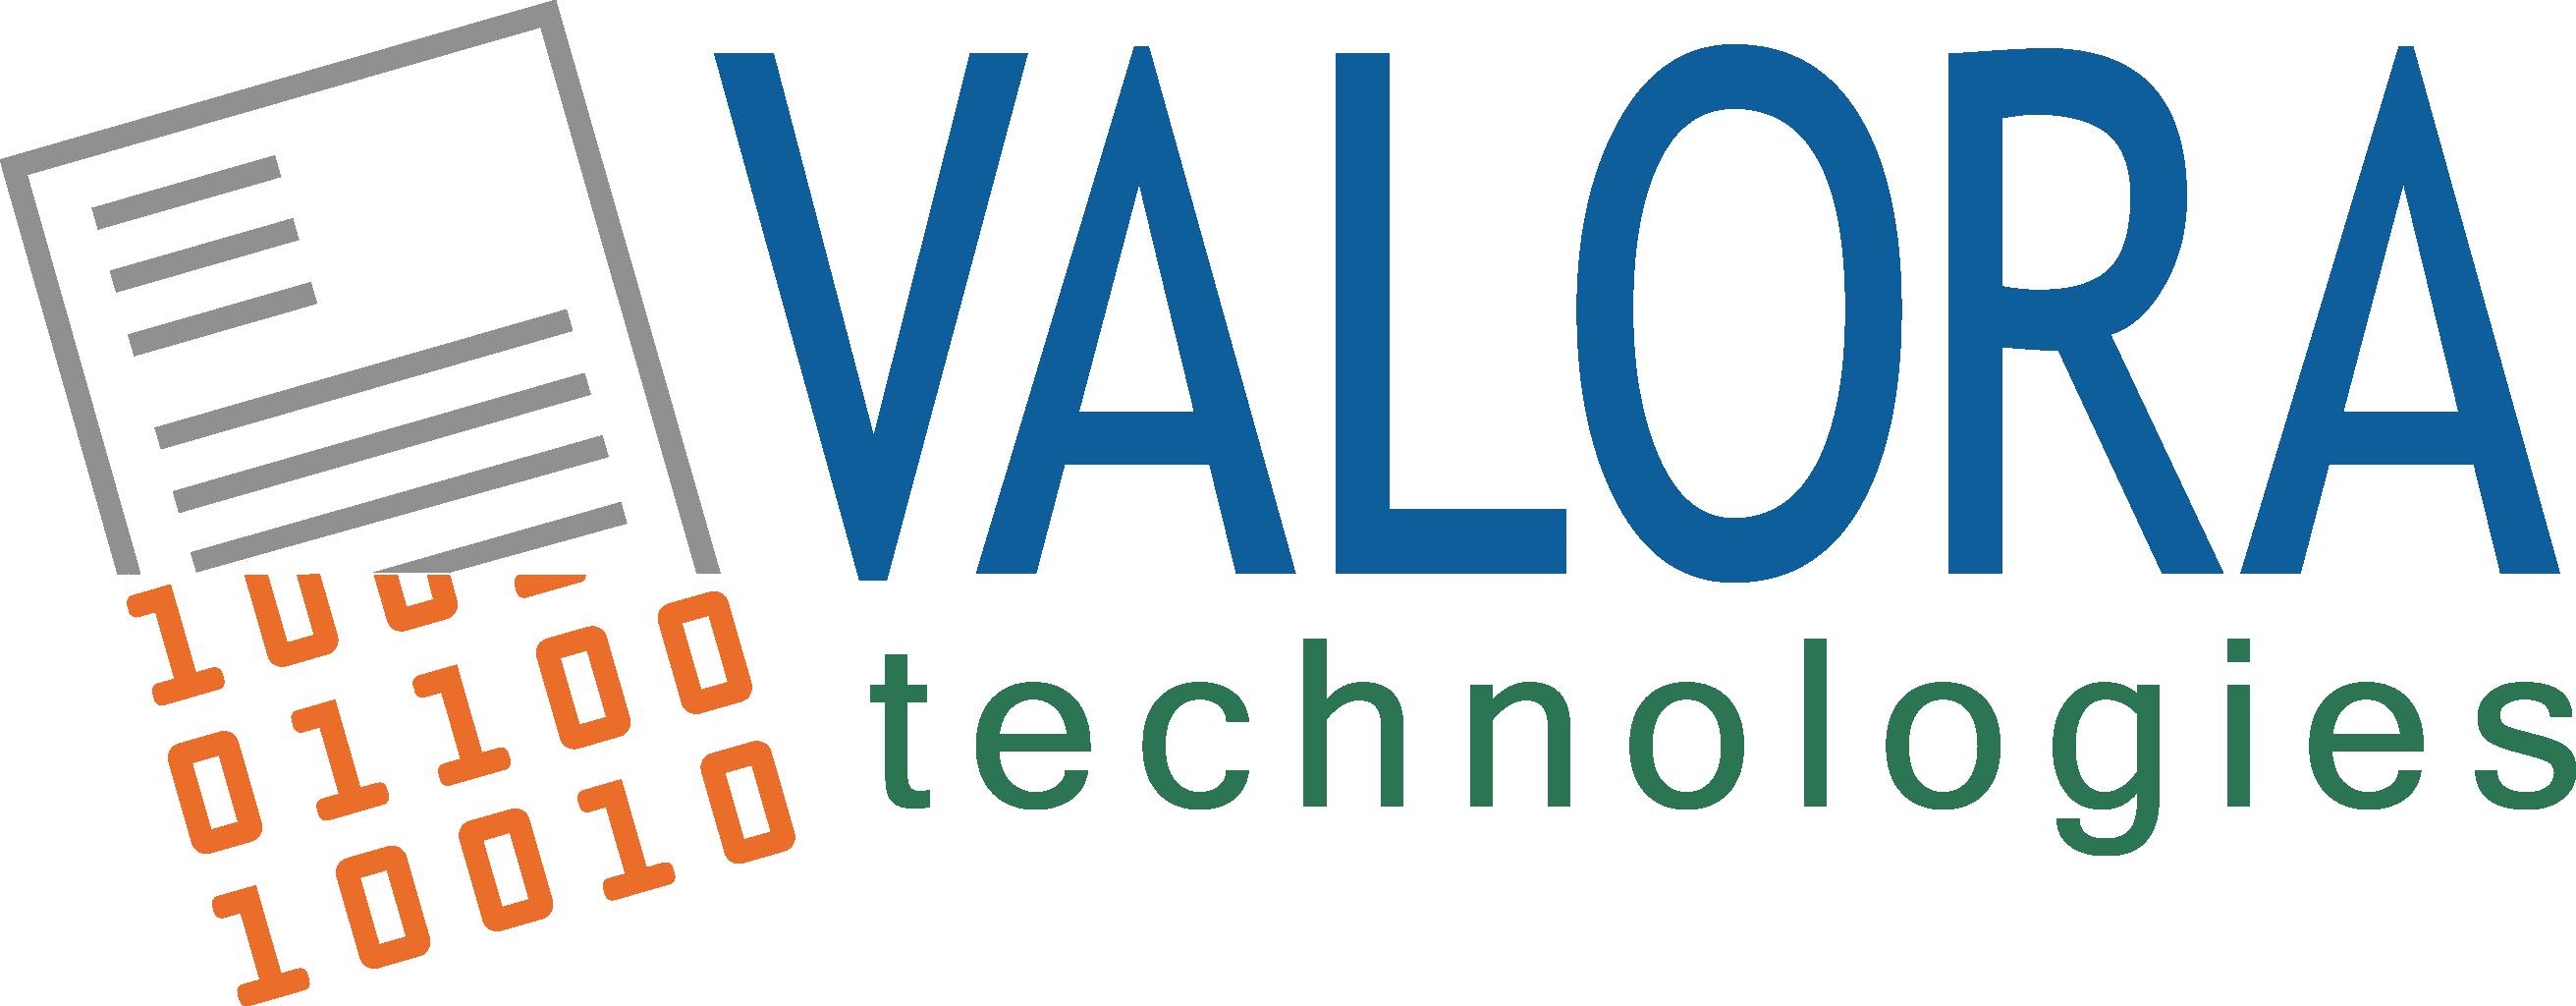 Valora Technologies